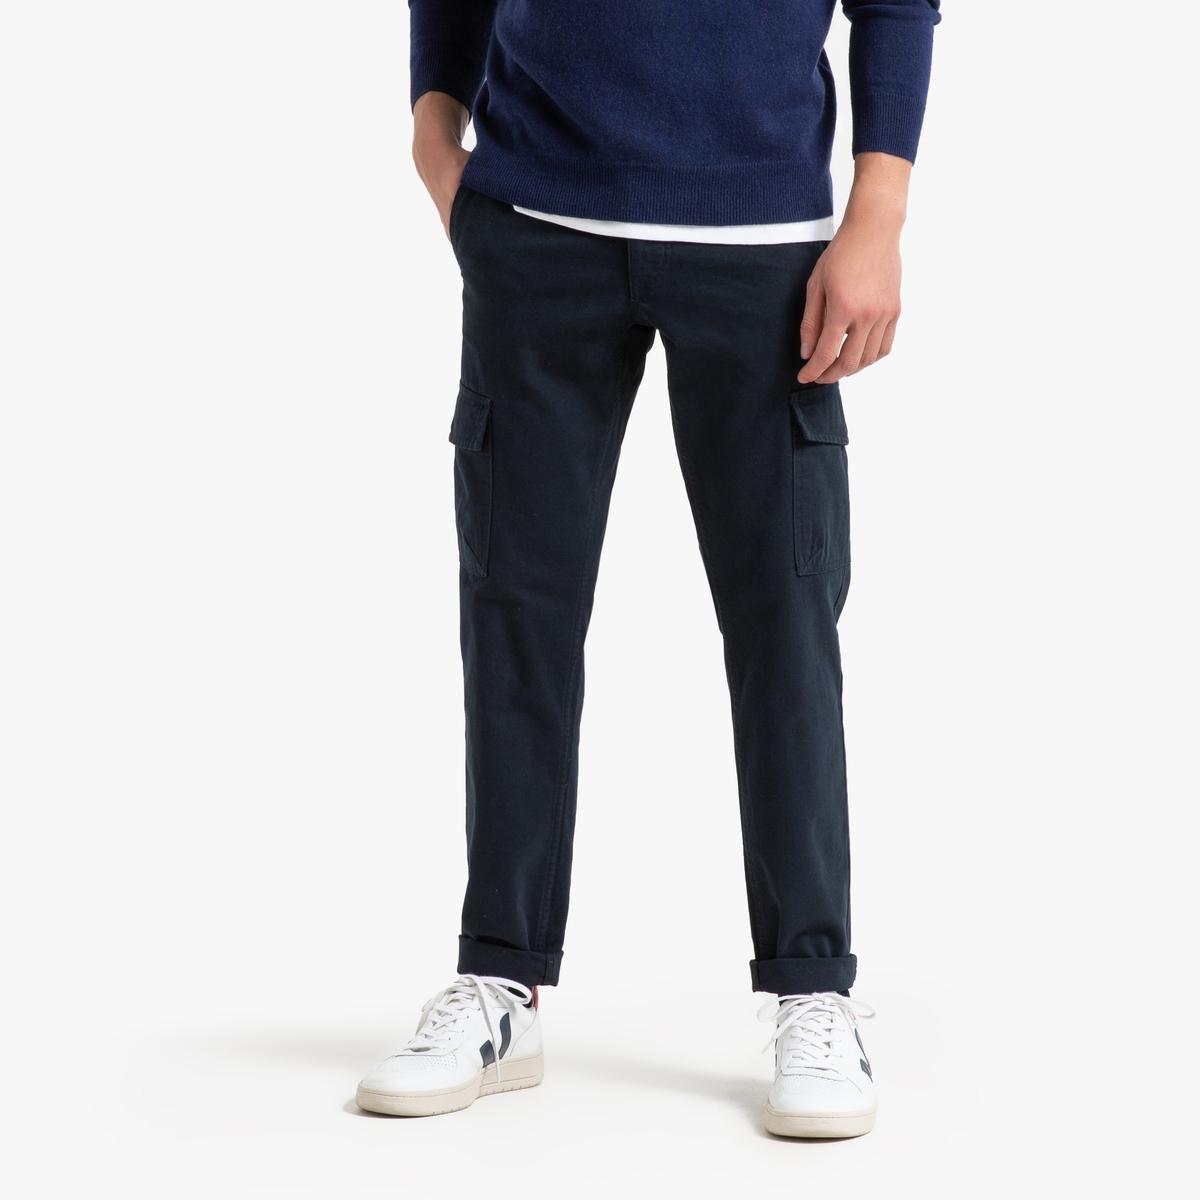 Брюки La Redoute Карго узкие 46 (FR) - 52 (RUS) синий джинсы la redoute узкие для периода беременности 36 fr 42 rus серый